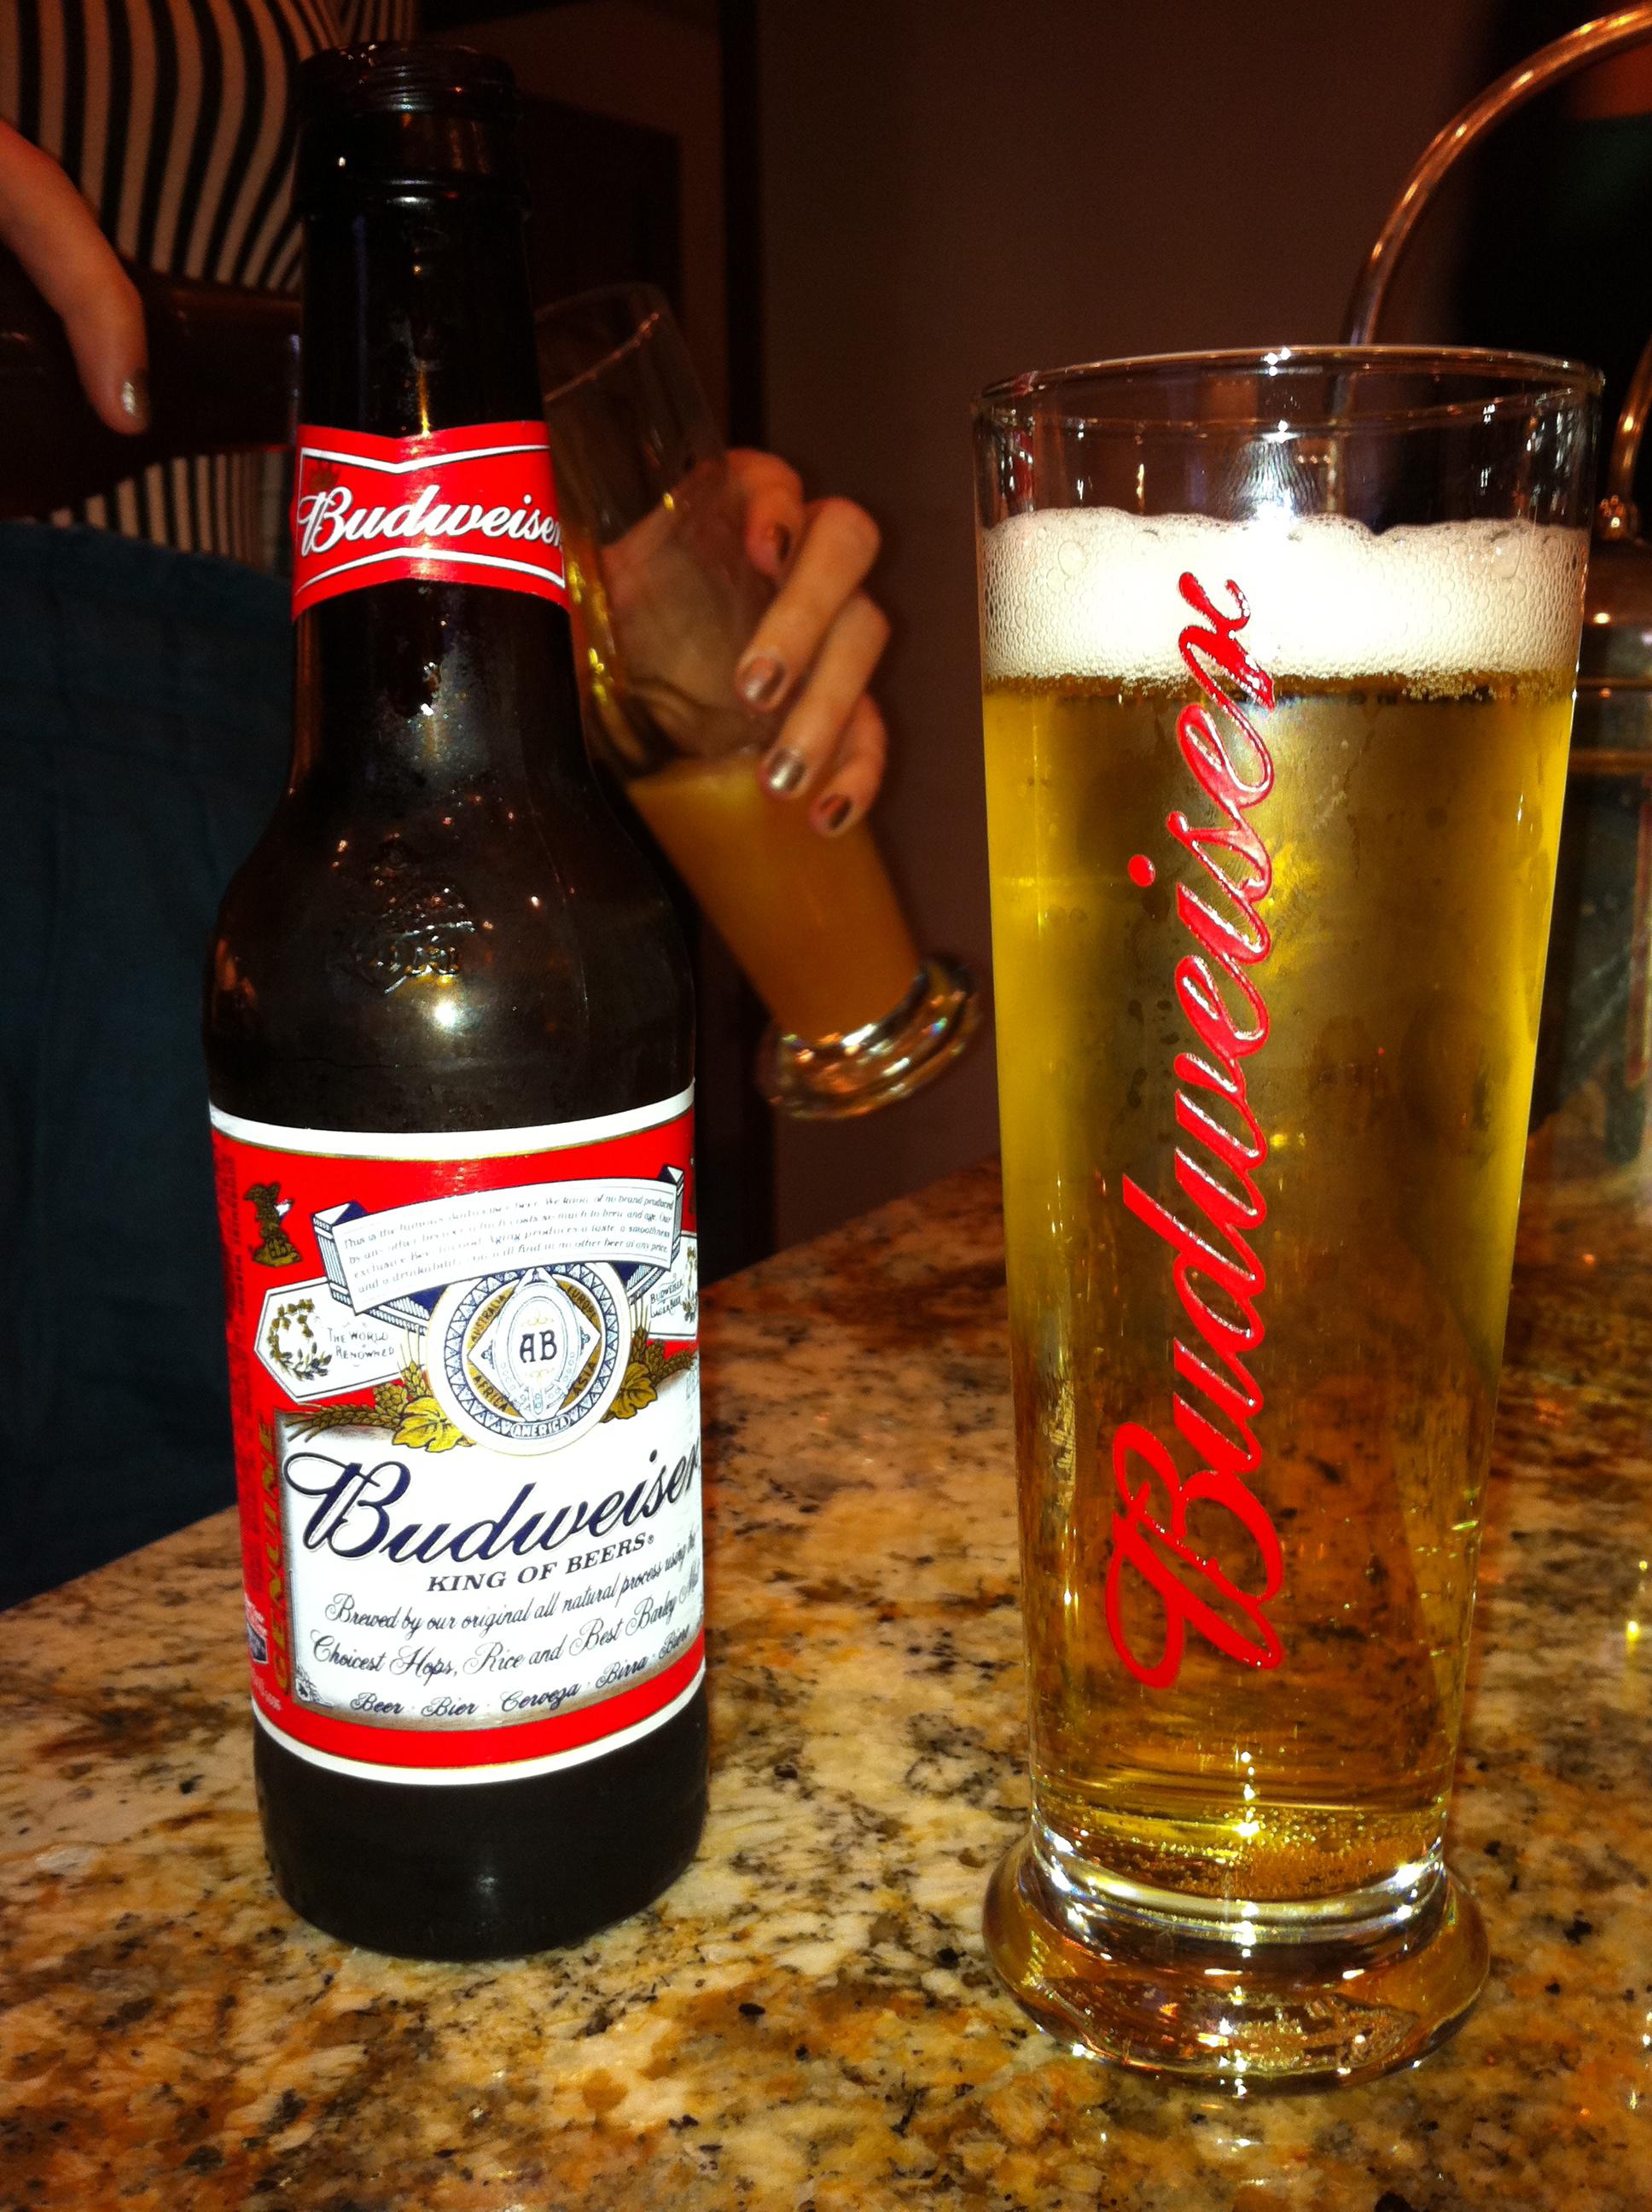 File:Budweiser beer.jpg